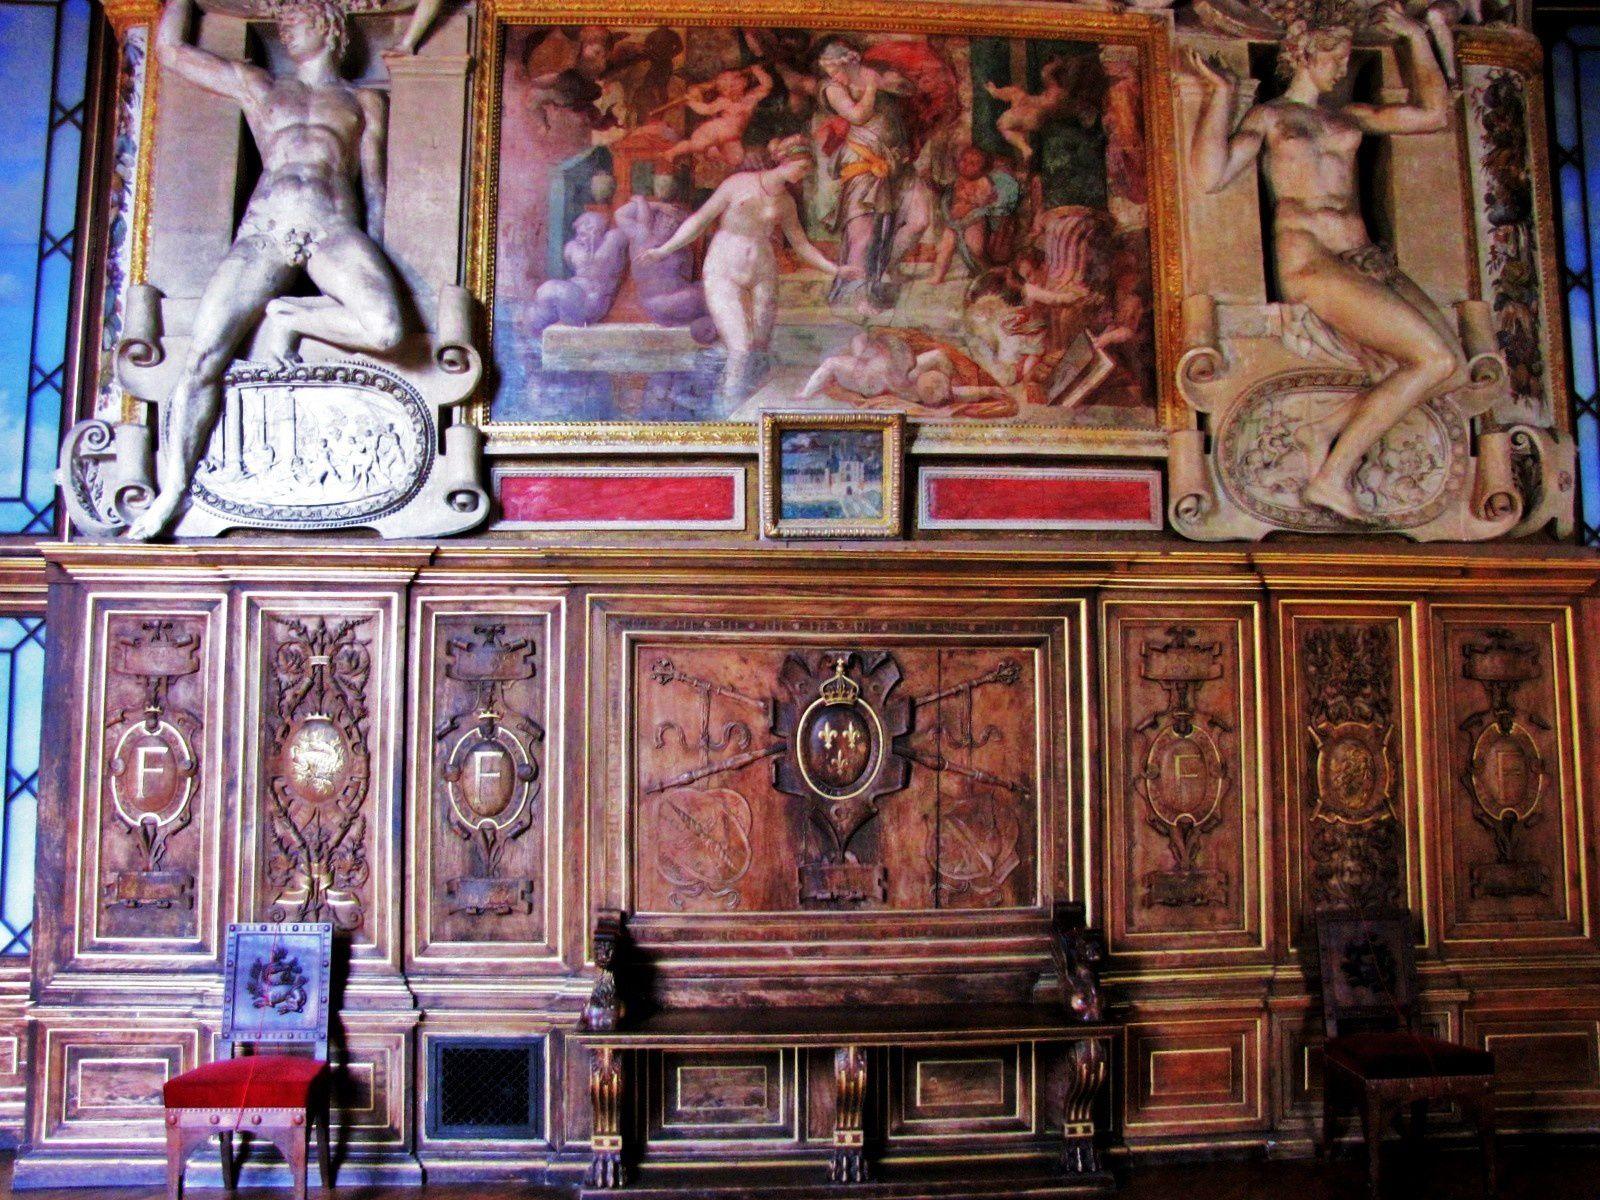 L'amour (fresque de Rosso Fiorentino), galerie François Ier du Château de Fontainebleau